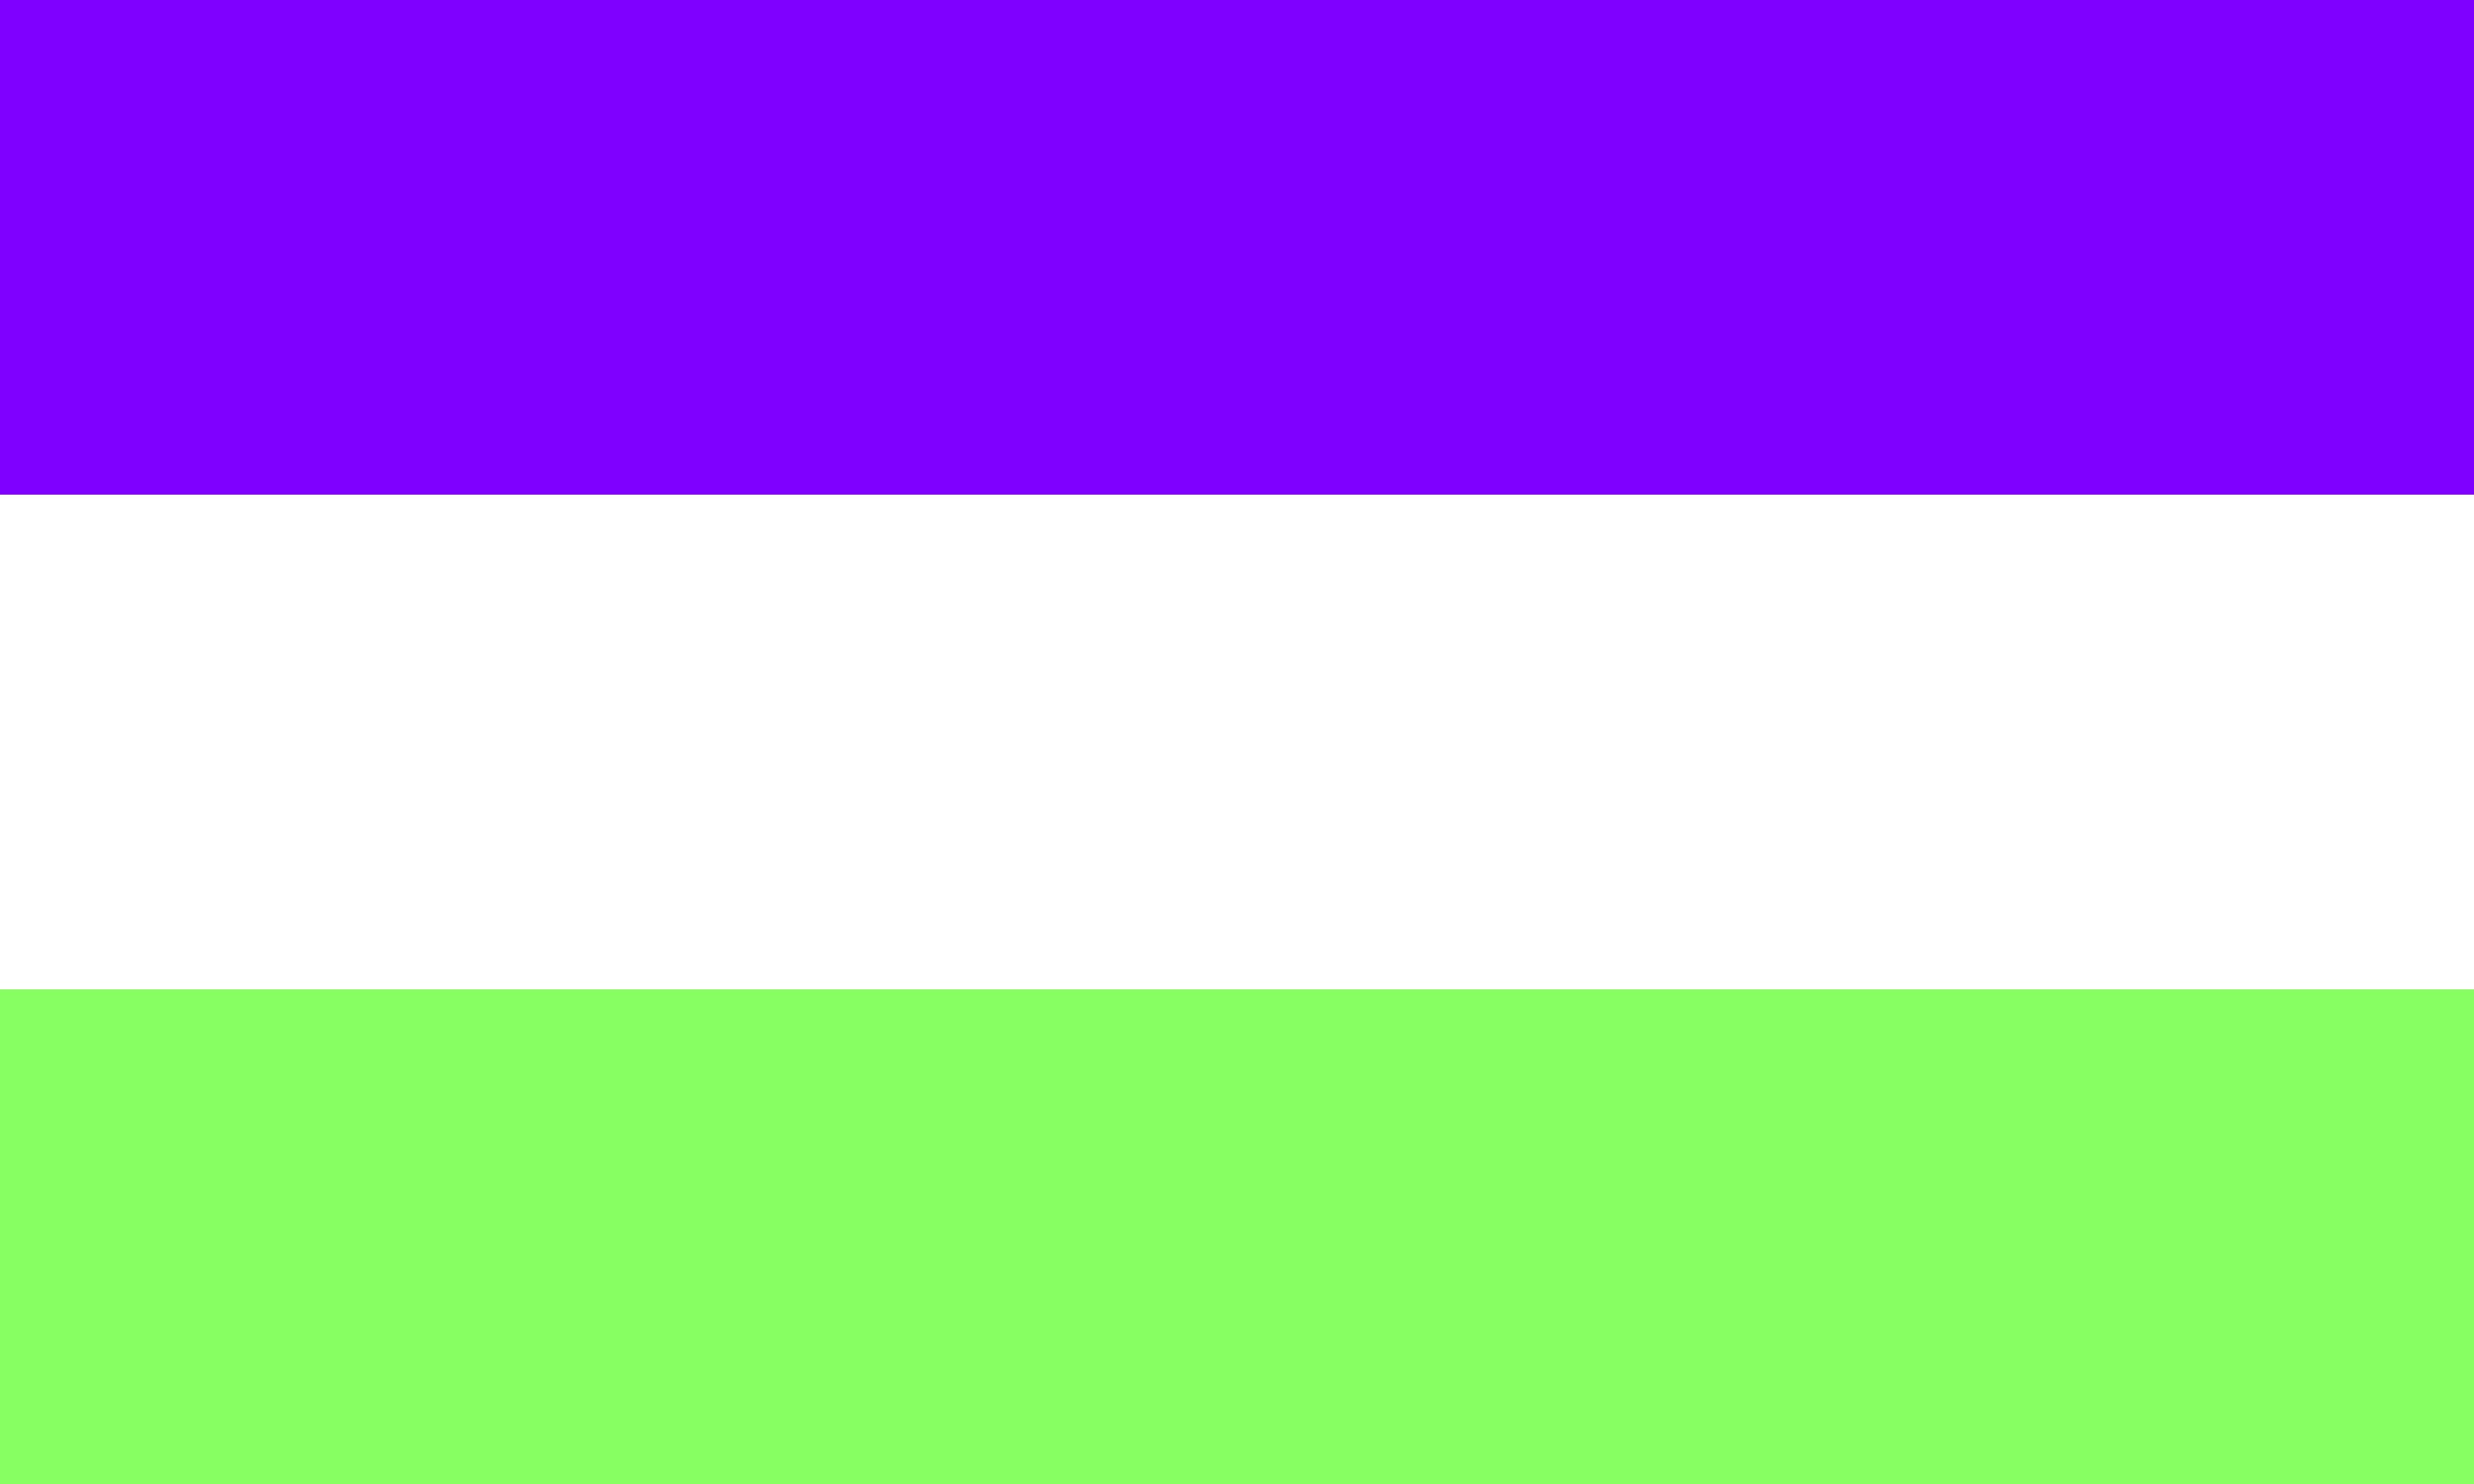 Ceterogender by Pride-Flags